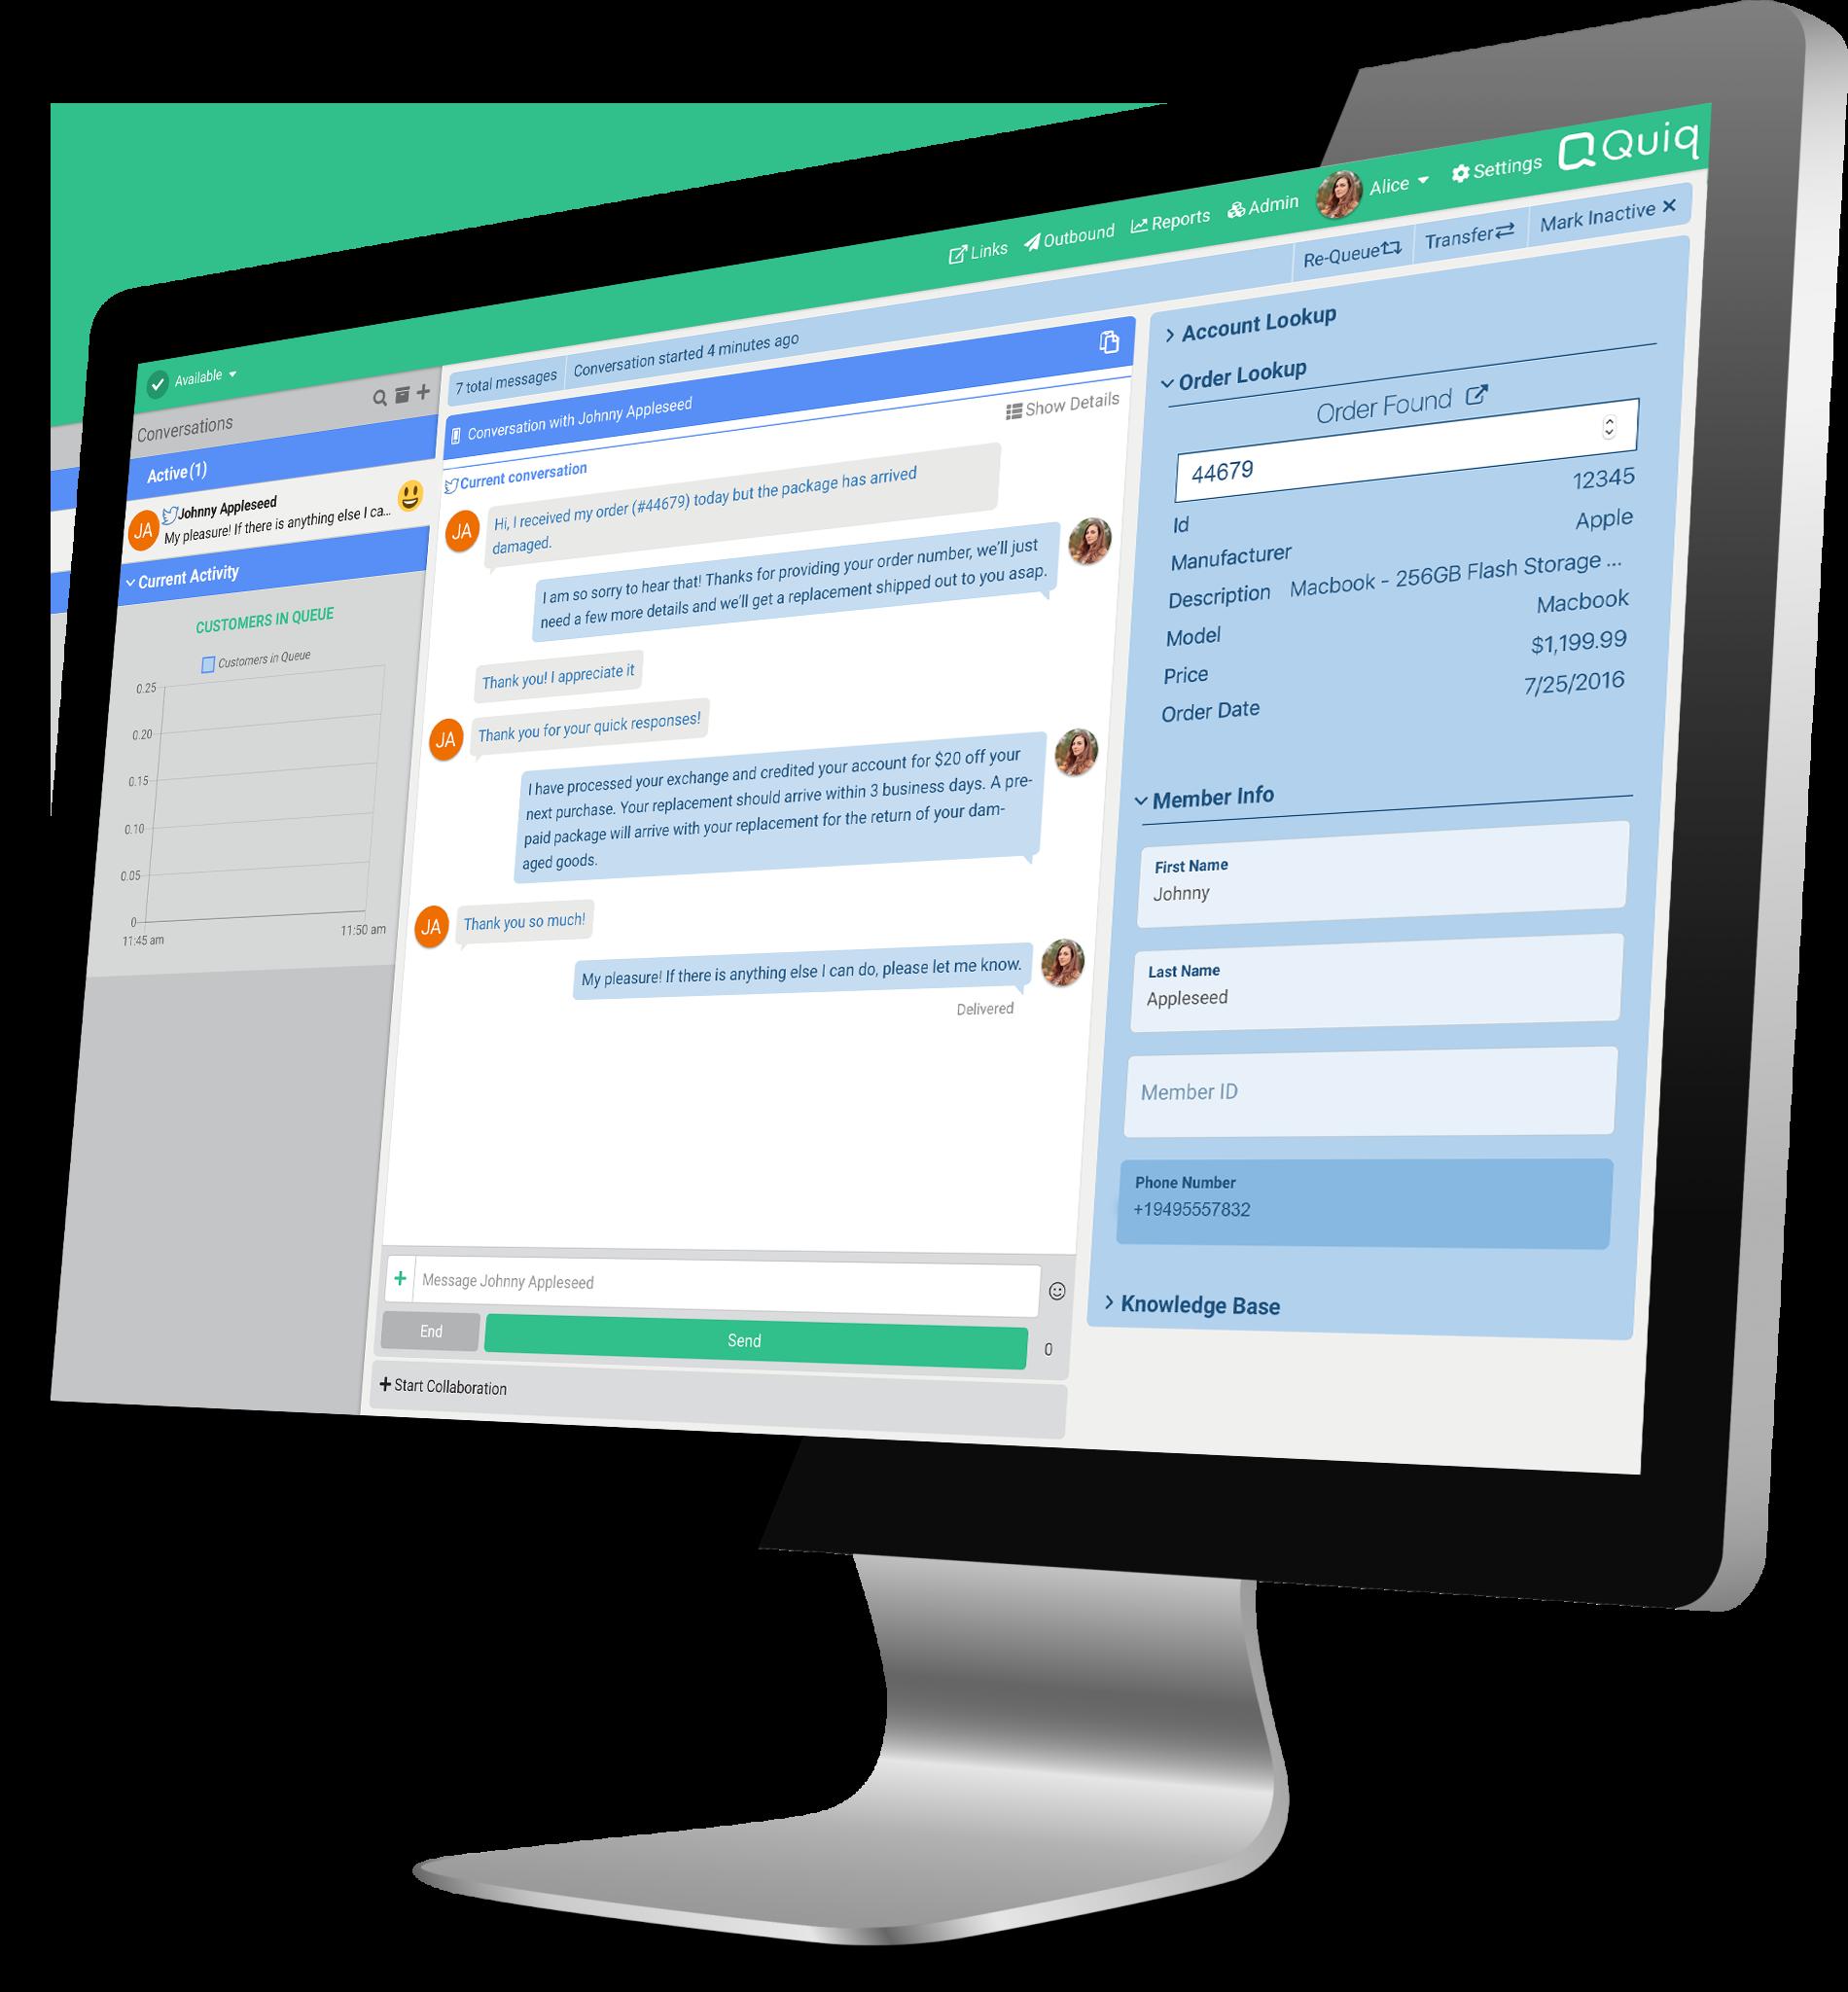 quiq bot messaging on desktop screenshot